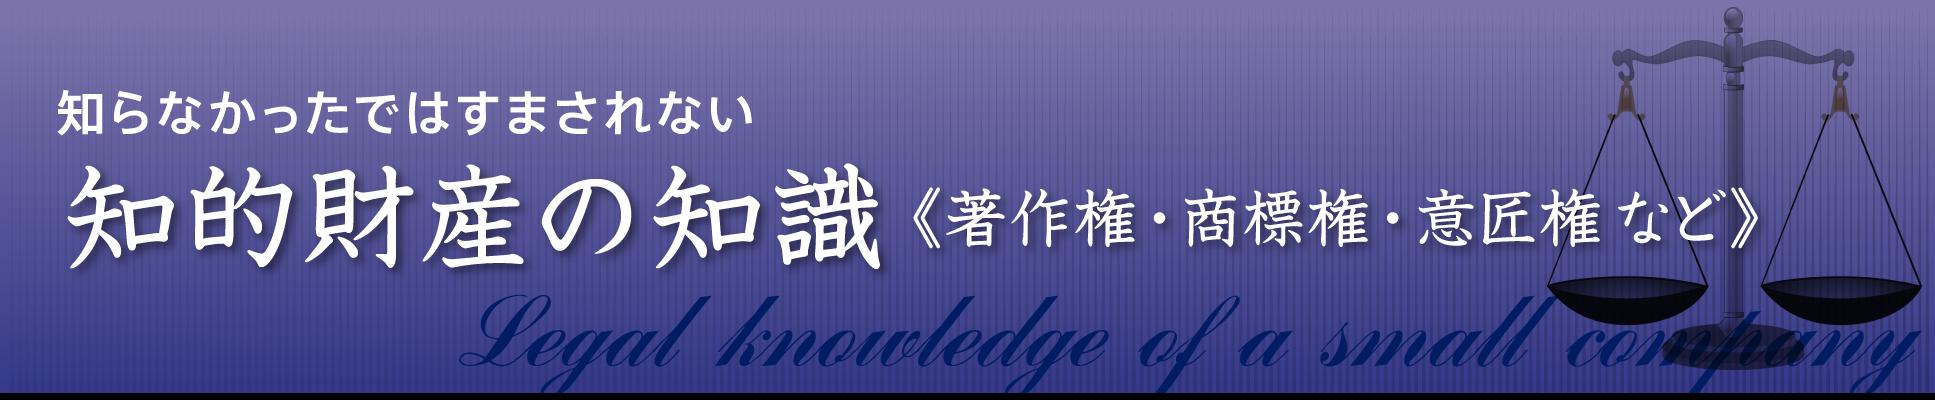 知的財産の知識